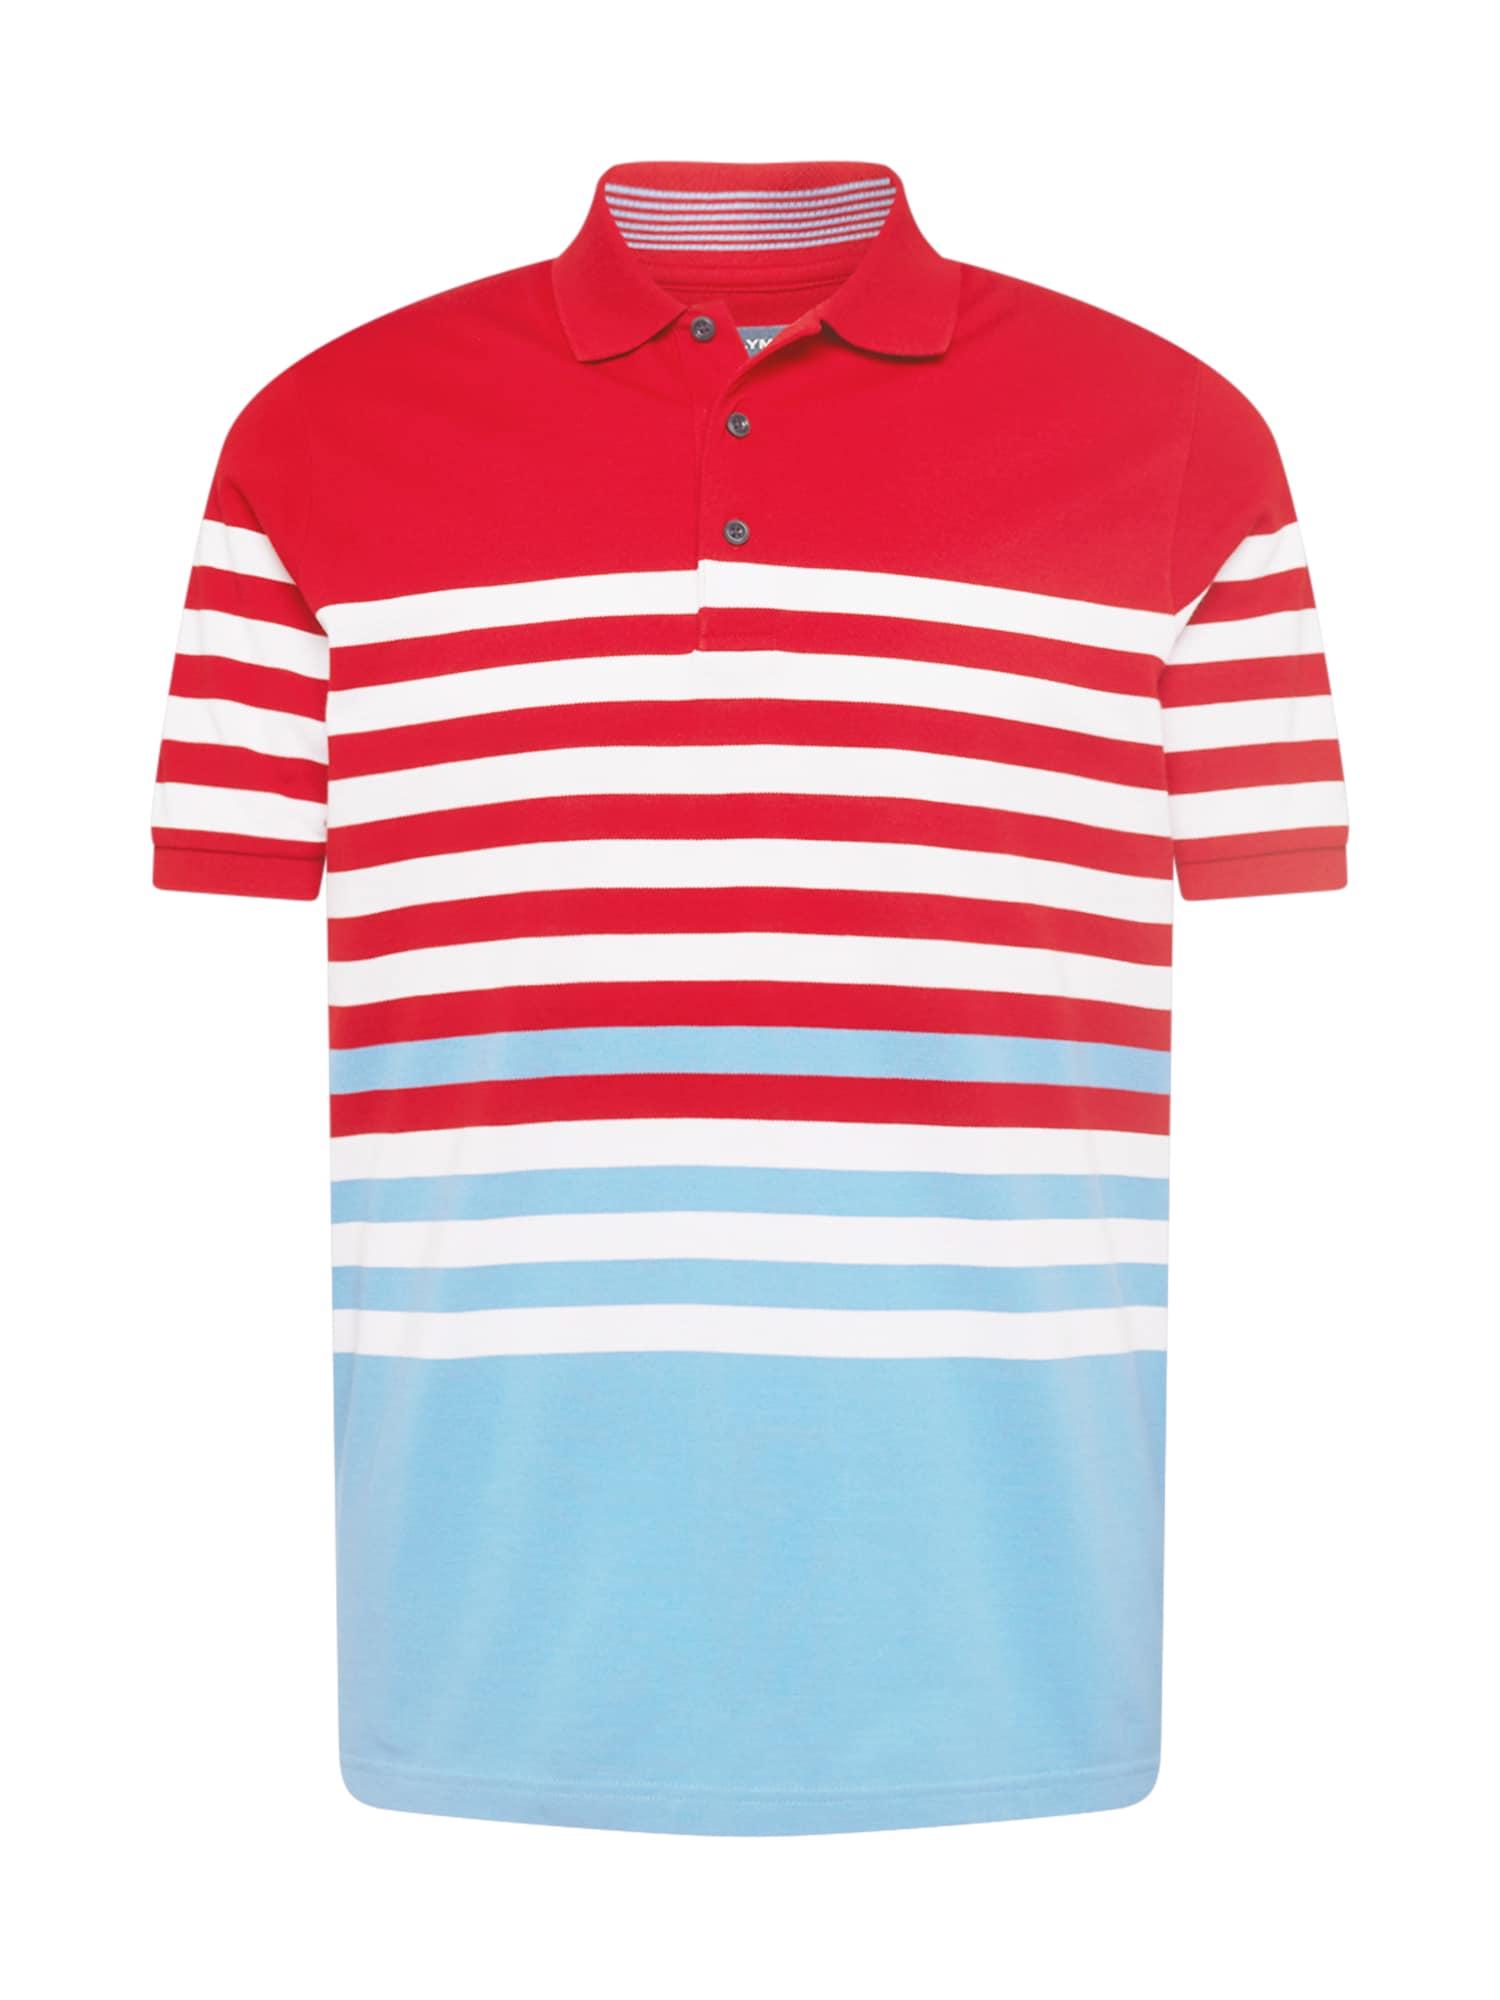 OLYMP Marškinėliai raudona / šviesiai mėlyna / balta